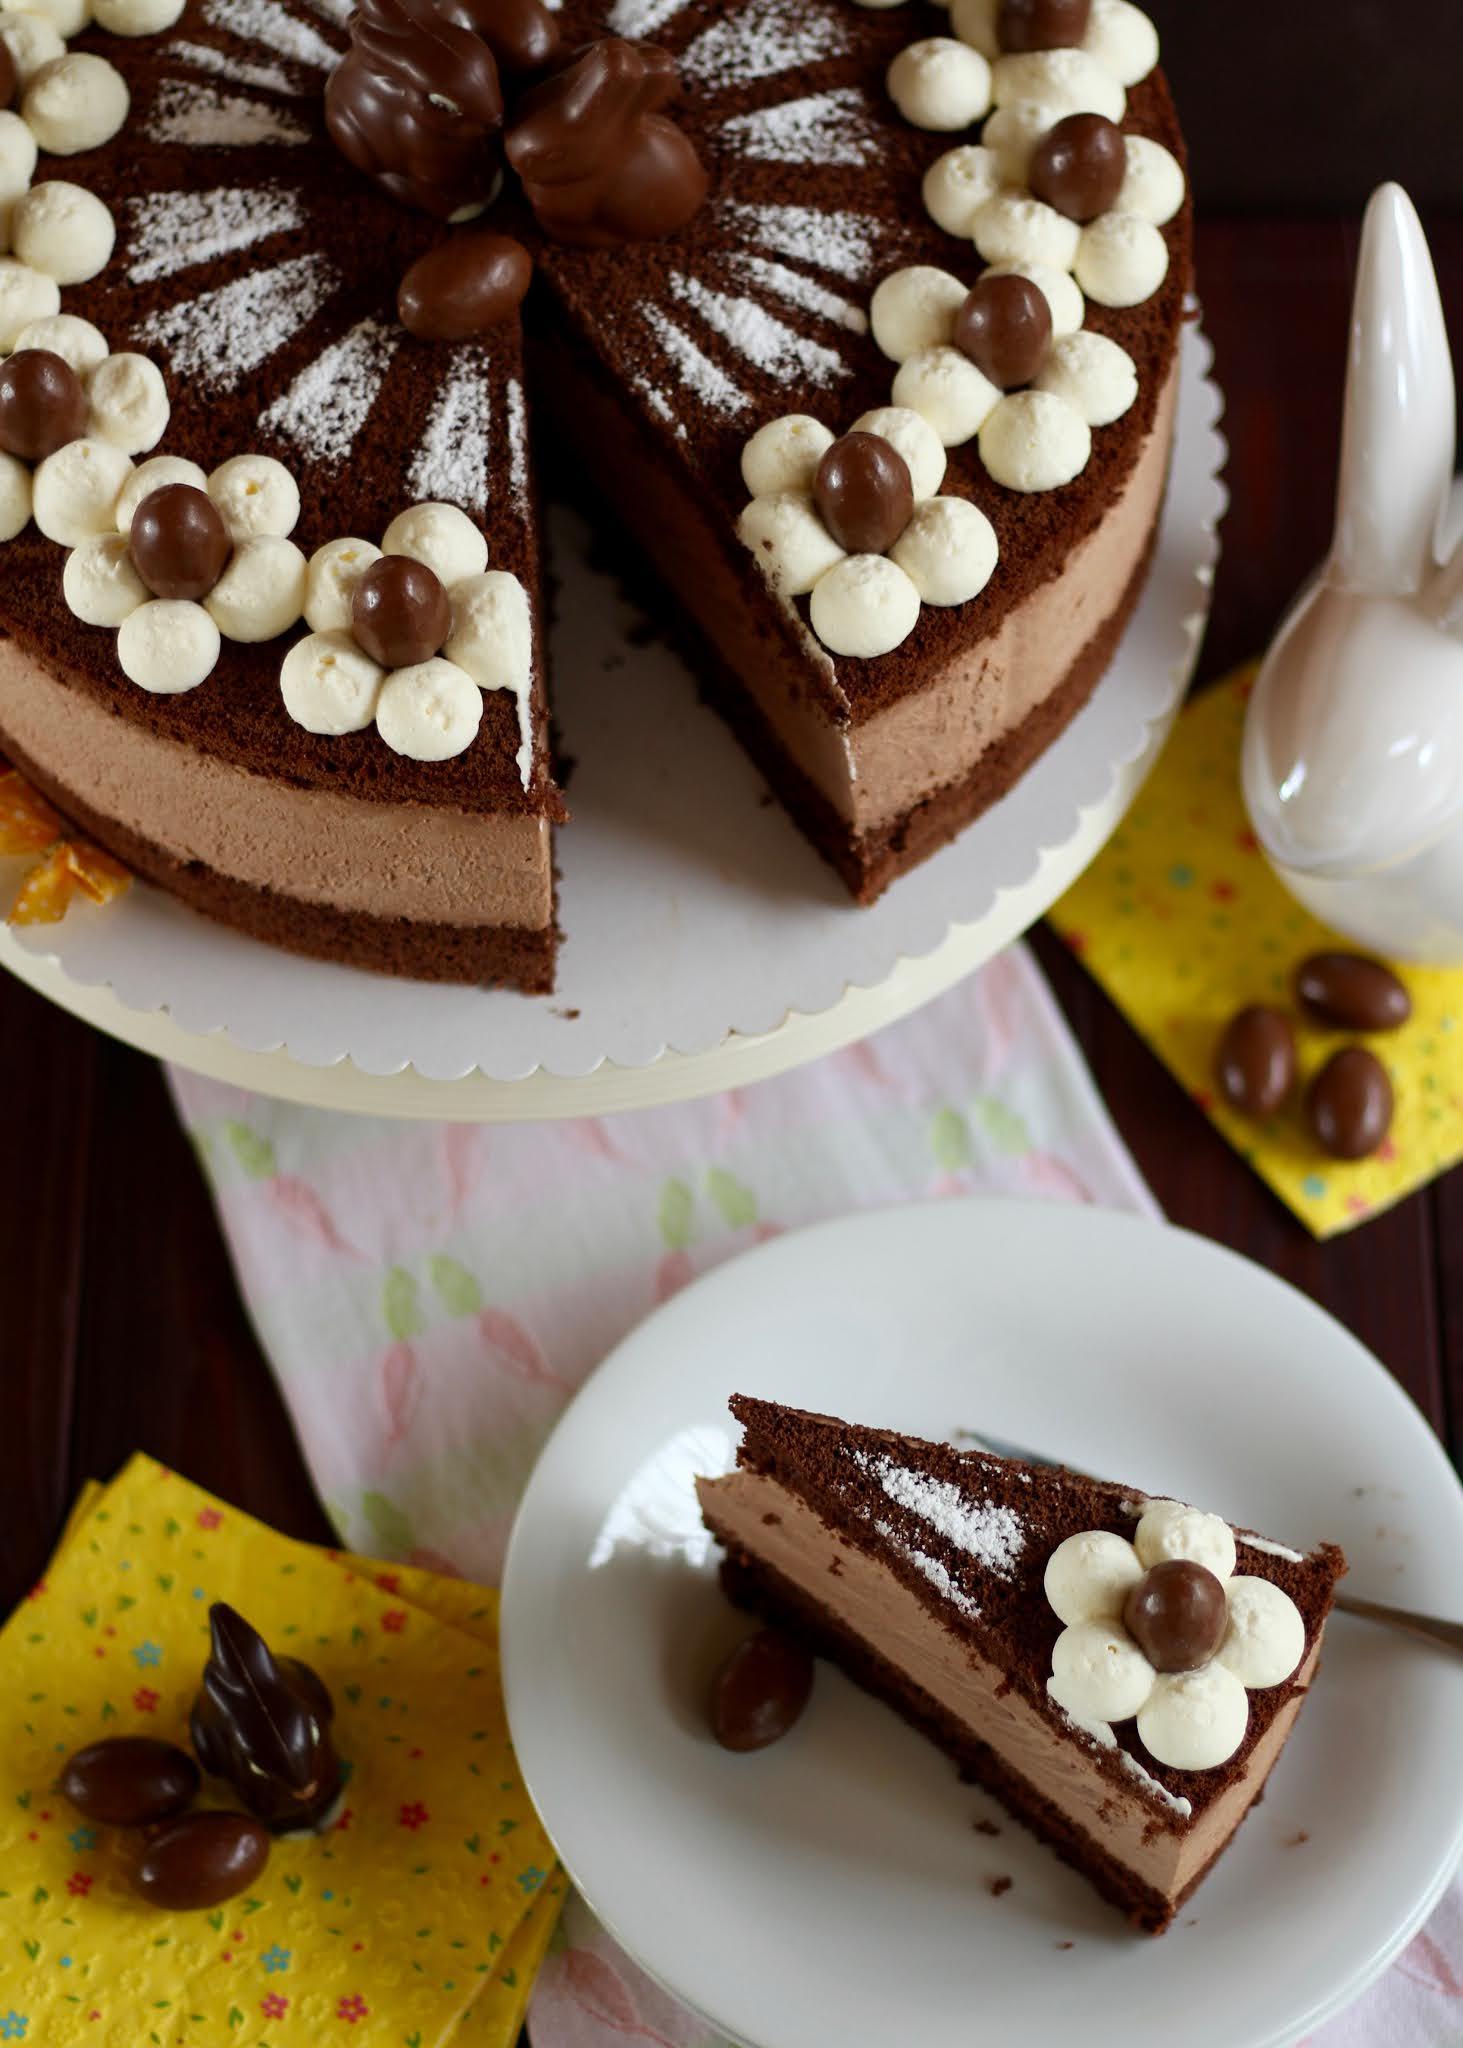 Die beste Schoko-Käse-Sahne-Torte backen! Traumhafte Ostertorte mit viel Schokolade zum 18. Geburtstag! | Rezept und Video von Sugarprincess